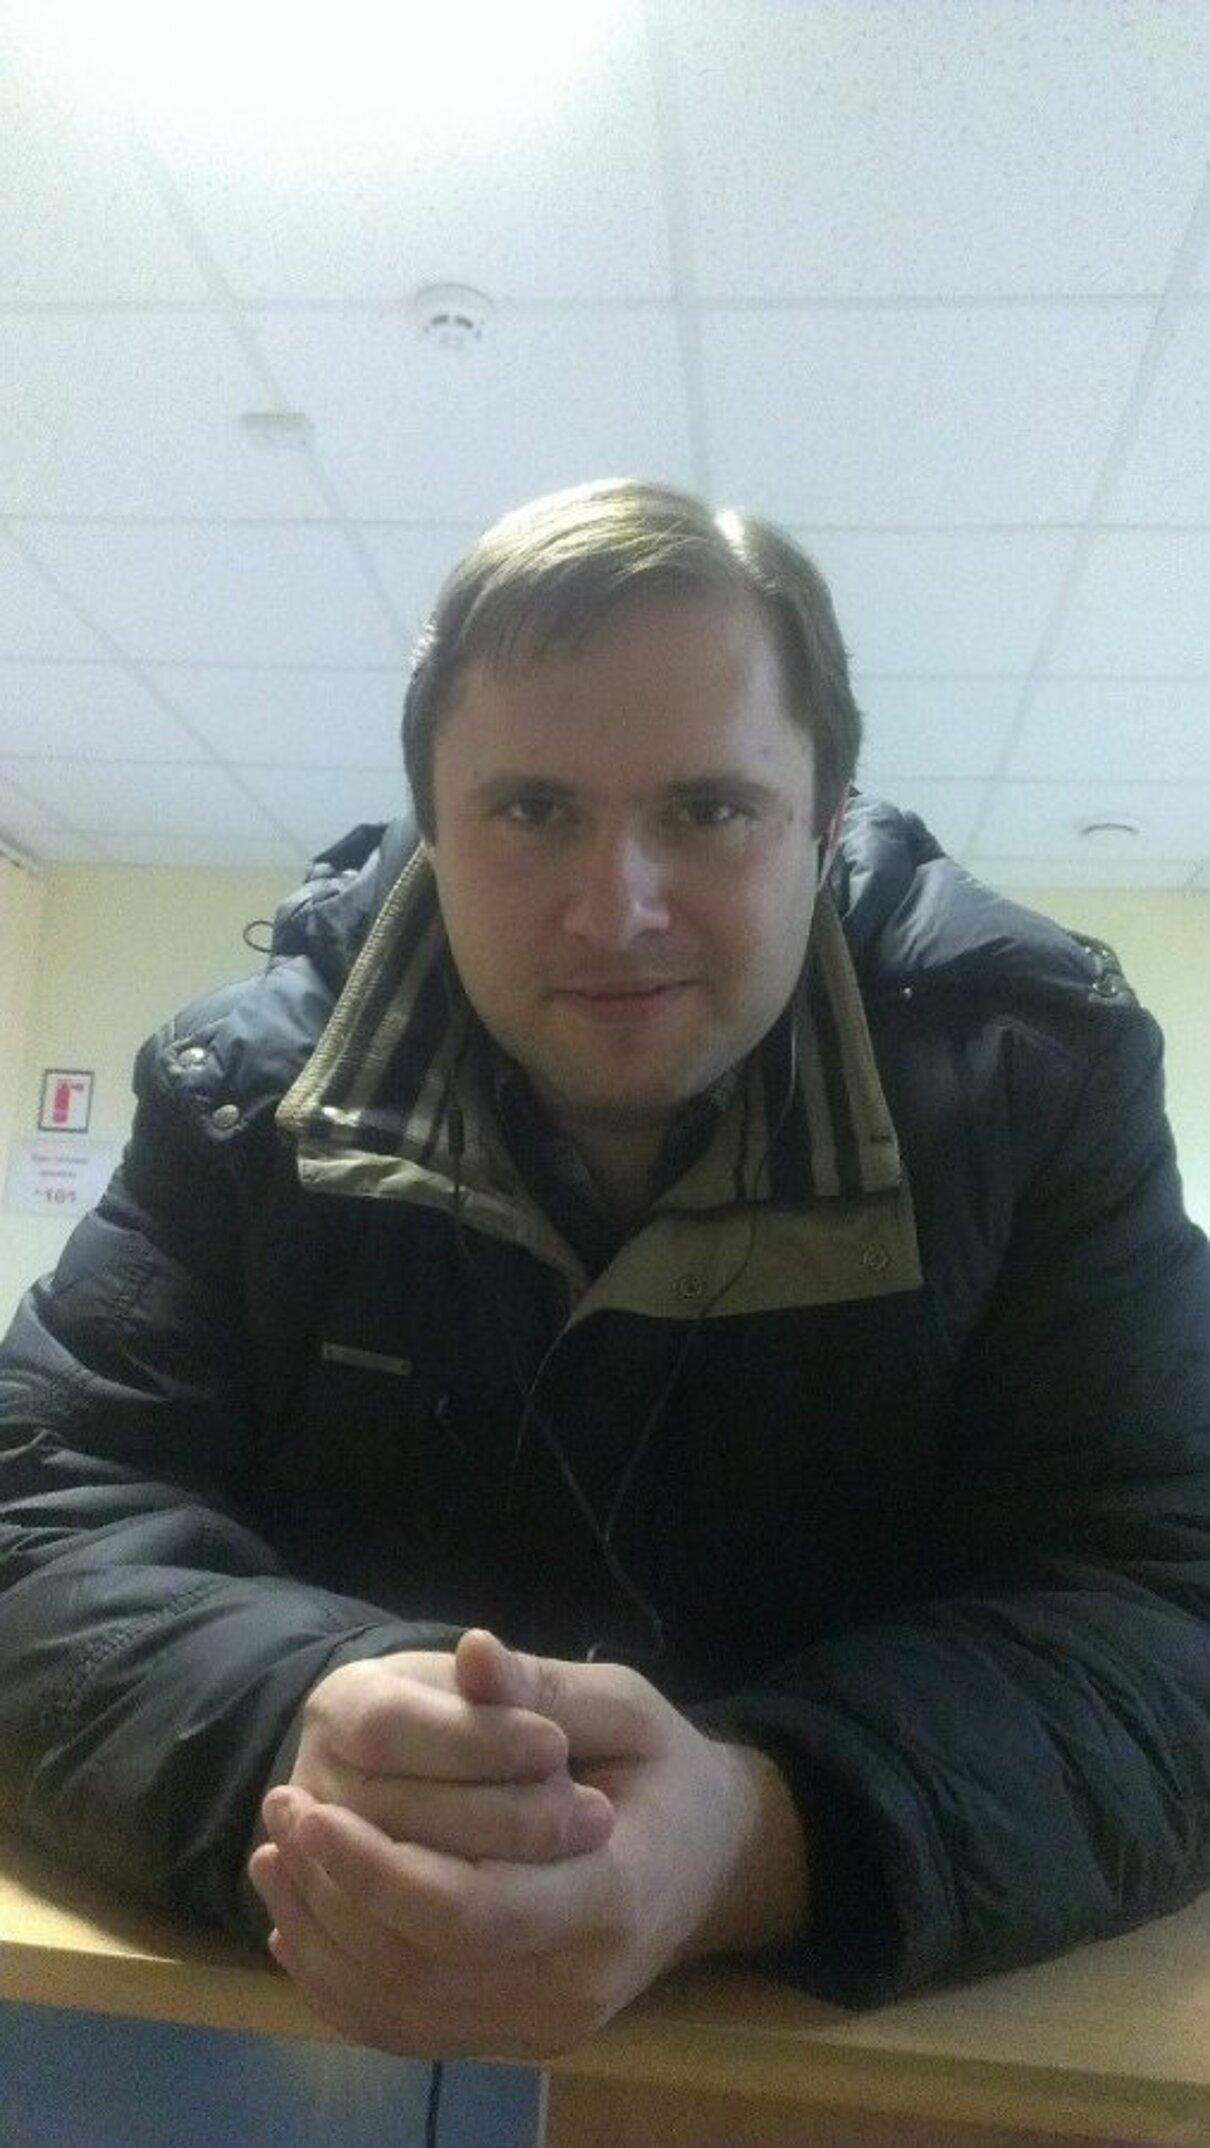 Жалоба-отзыв: ВОРЫ - Украли посылку на Укрпочте.  Фото №1